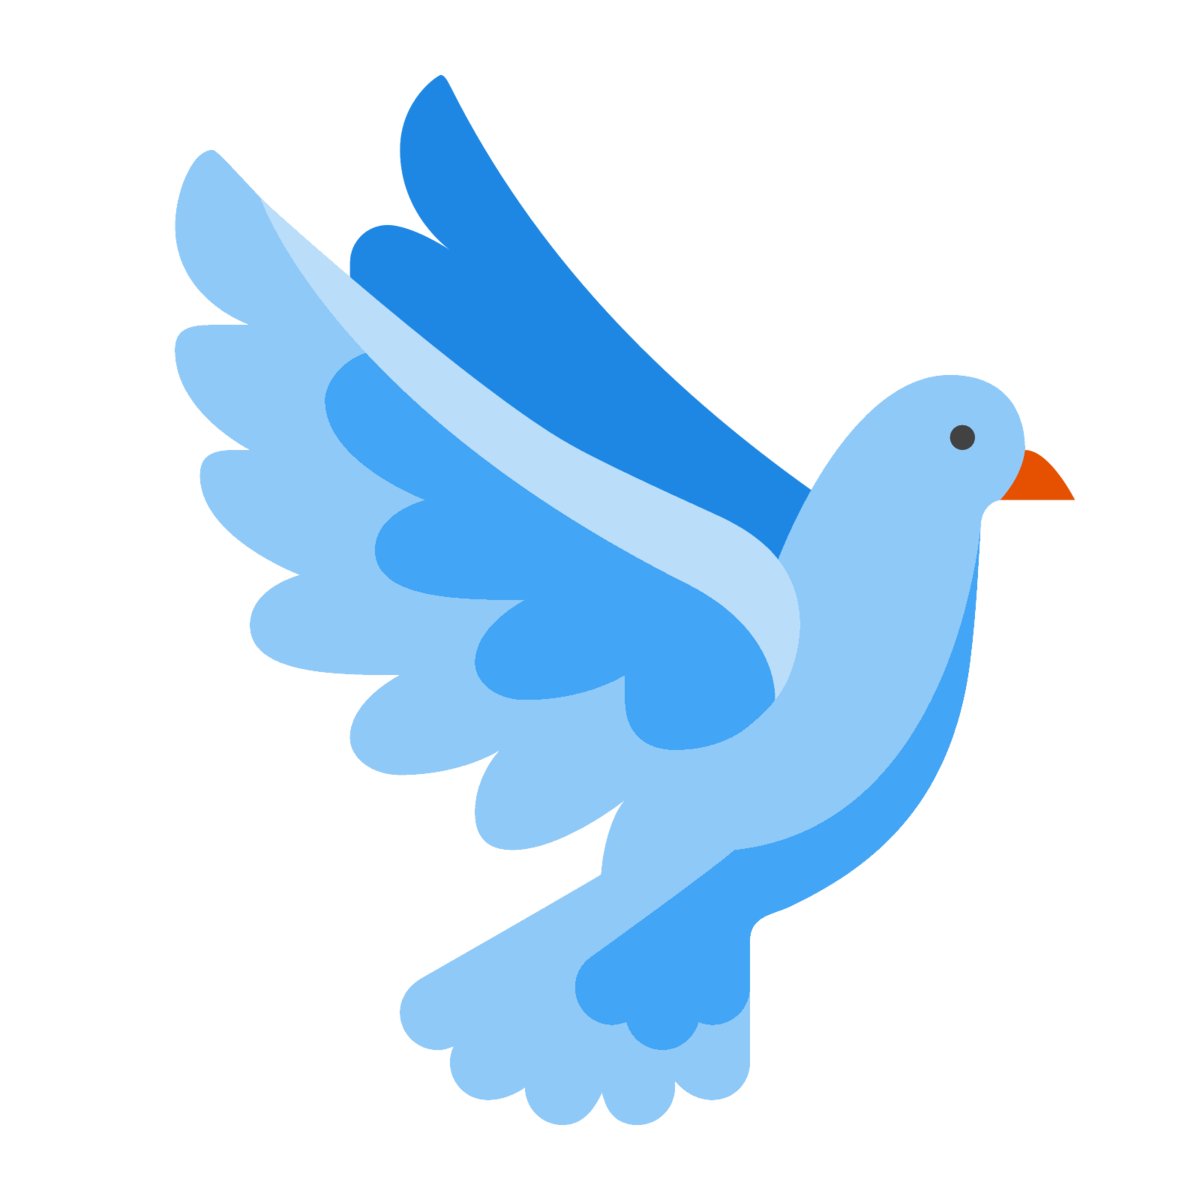 части картинки мультяшные голуби изготовлена качественного